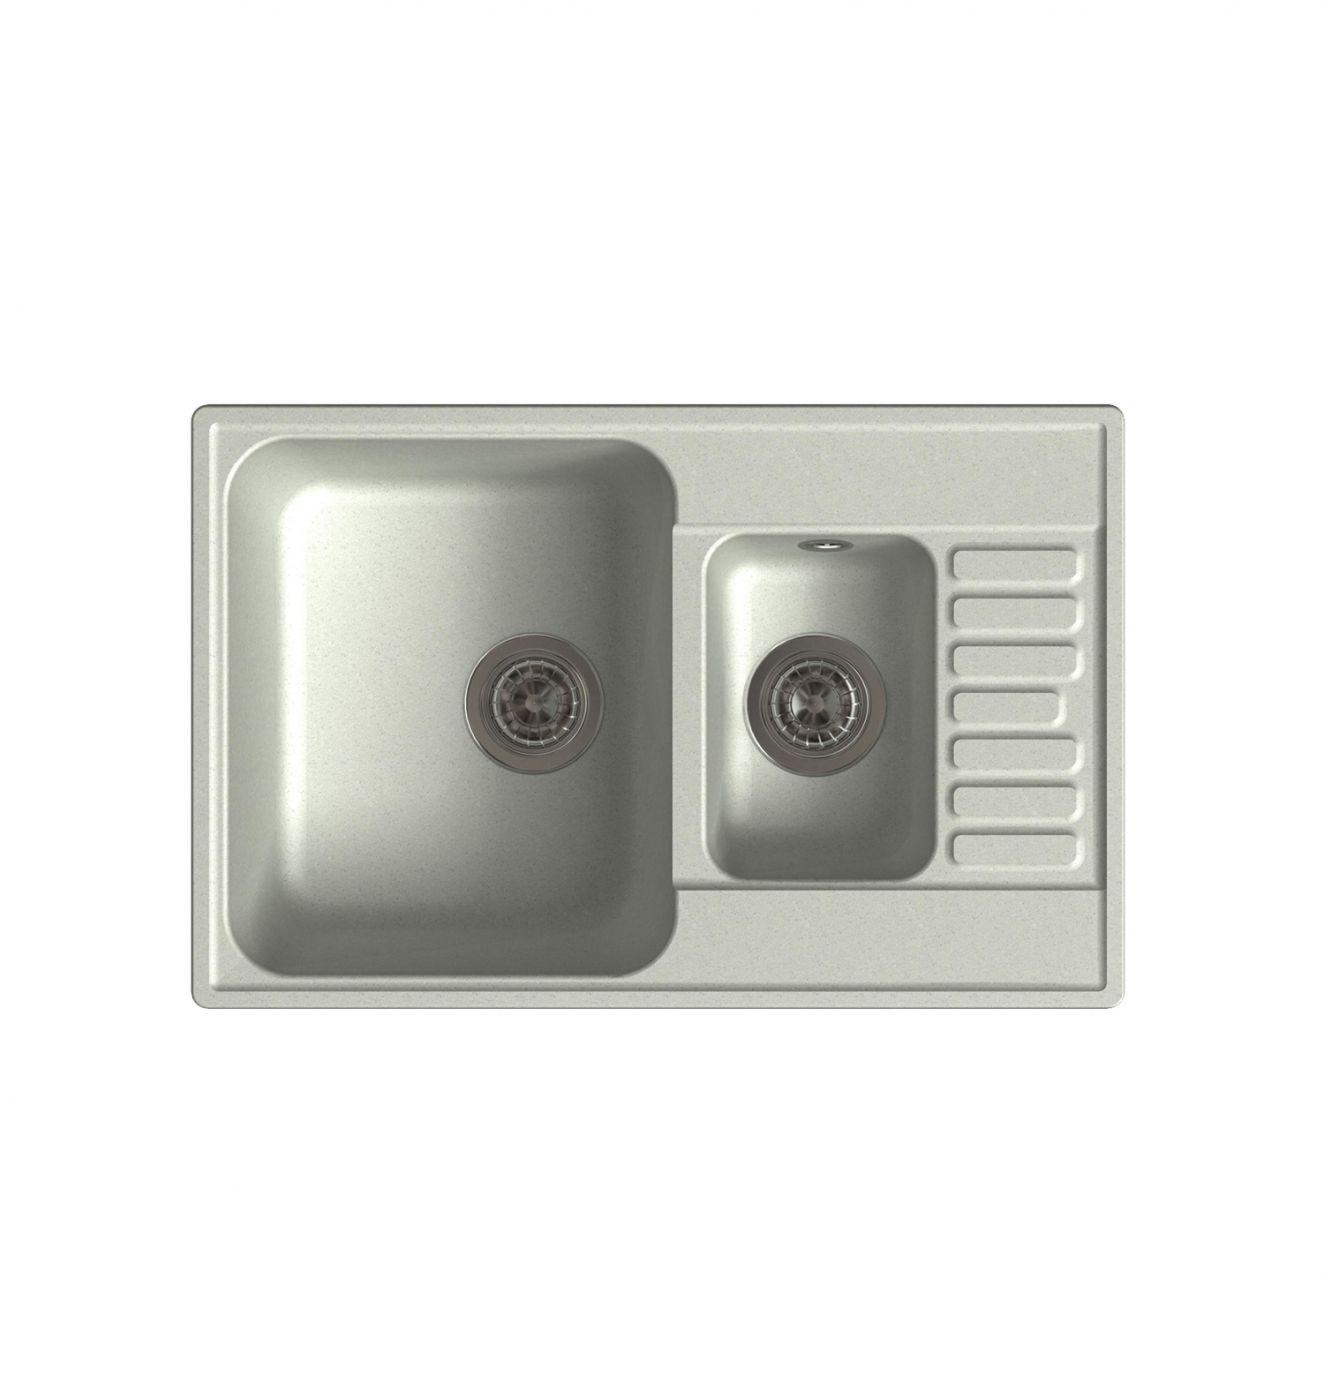 Врезная кухонная мойка LEX St. Moritz 740 Space Gray  74х48см полимер RULE000042